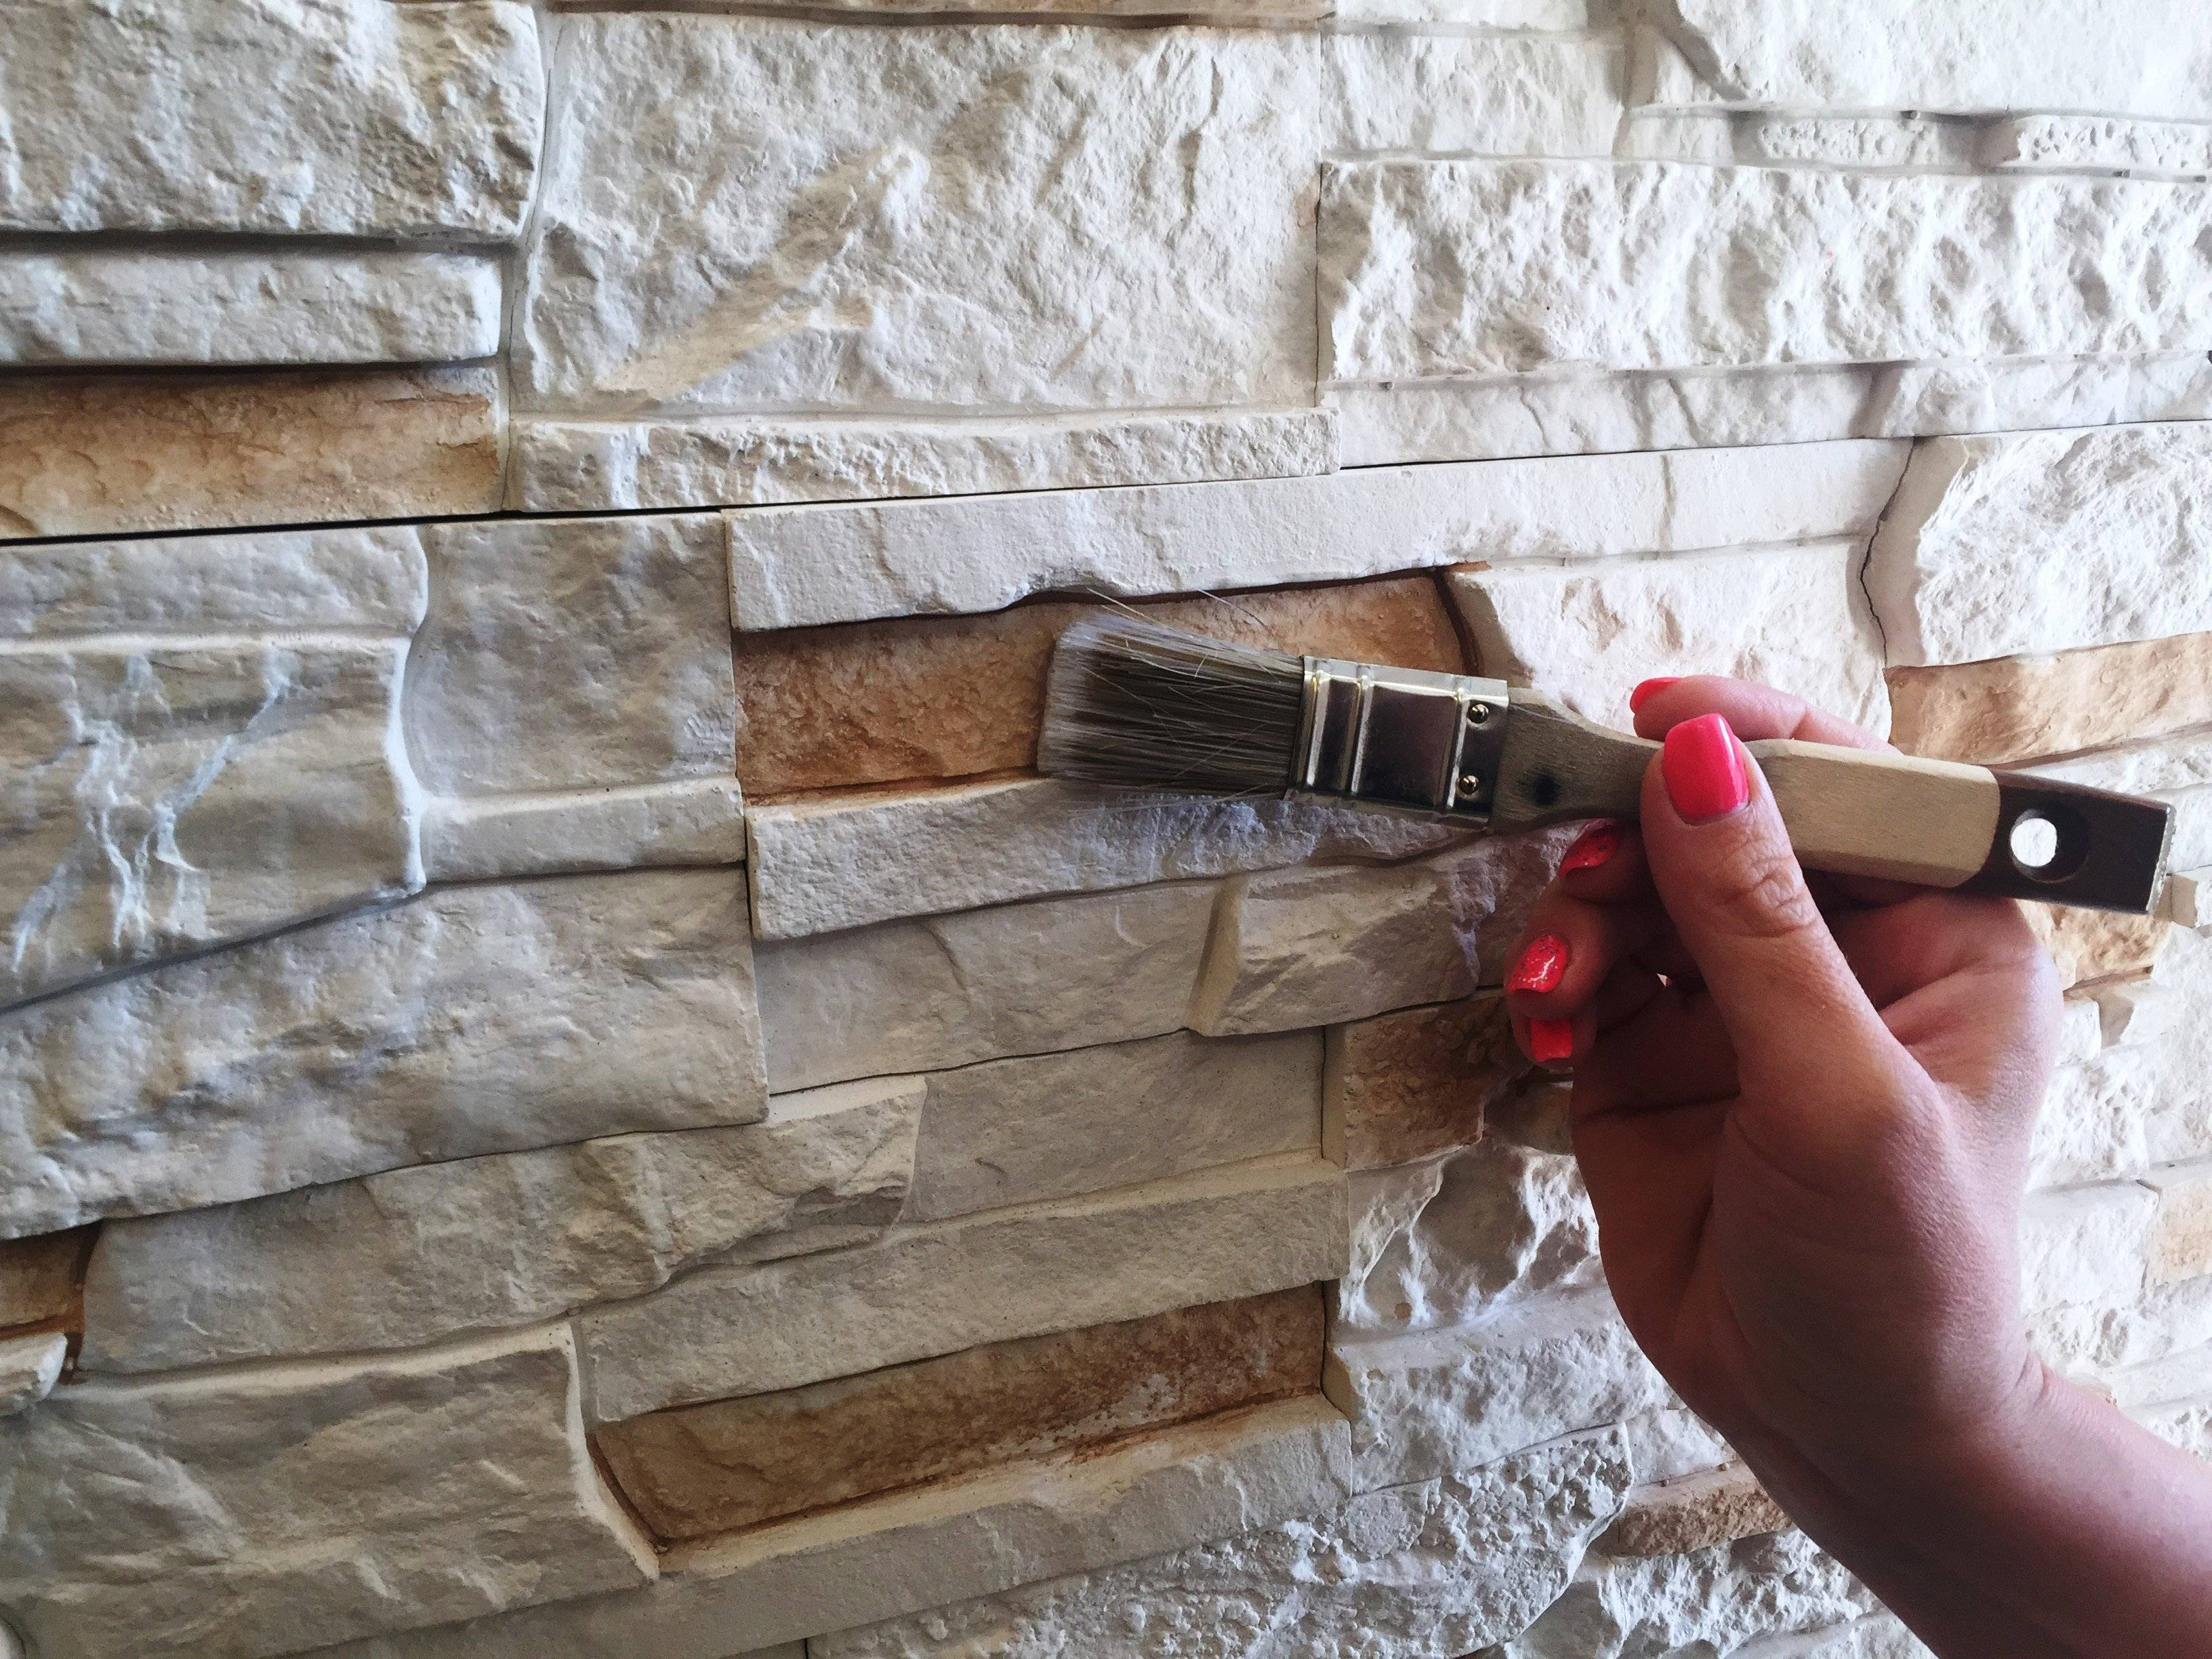 Как покрасить гипсовую стену, декоративный камень и плитку: как выбрать и нанести состав, подготовить инструменты и материалы?